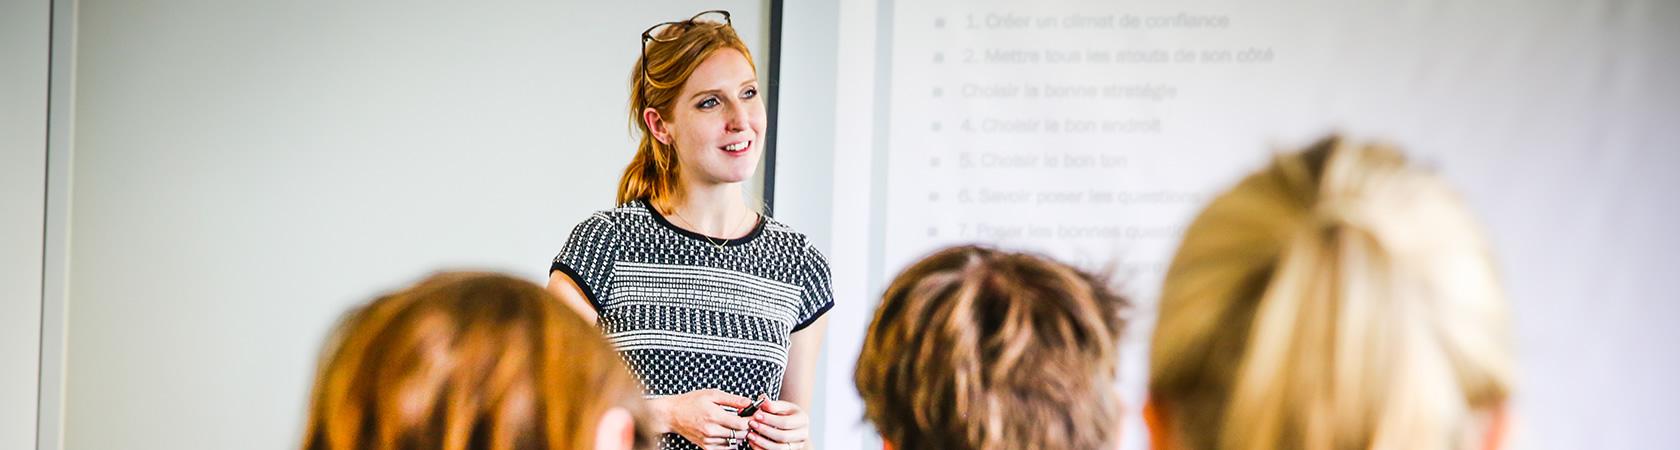 Ecole de communication EFAP - Devenir intervenant ou partenaire